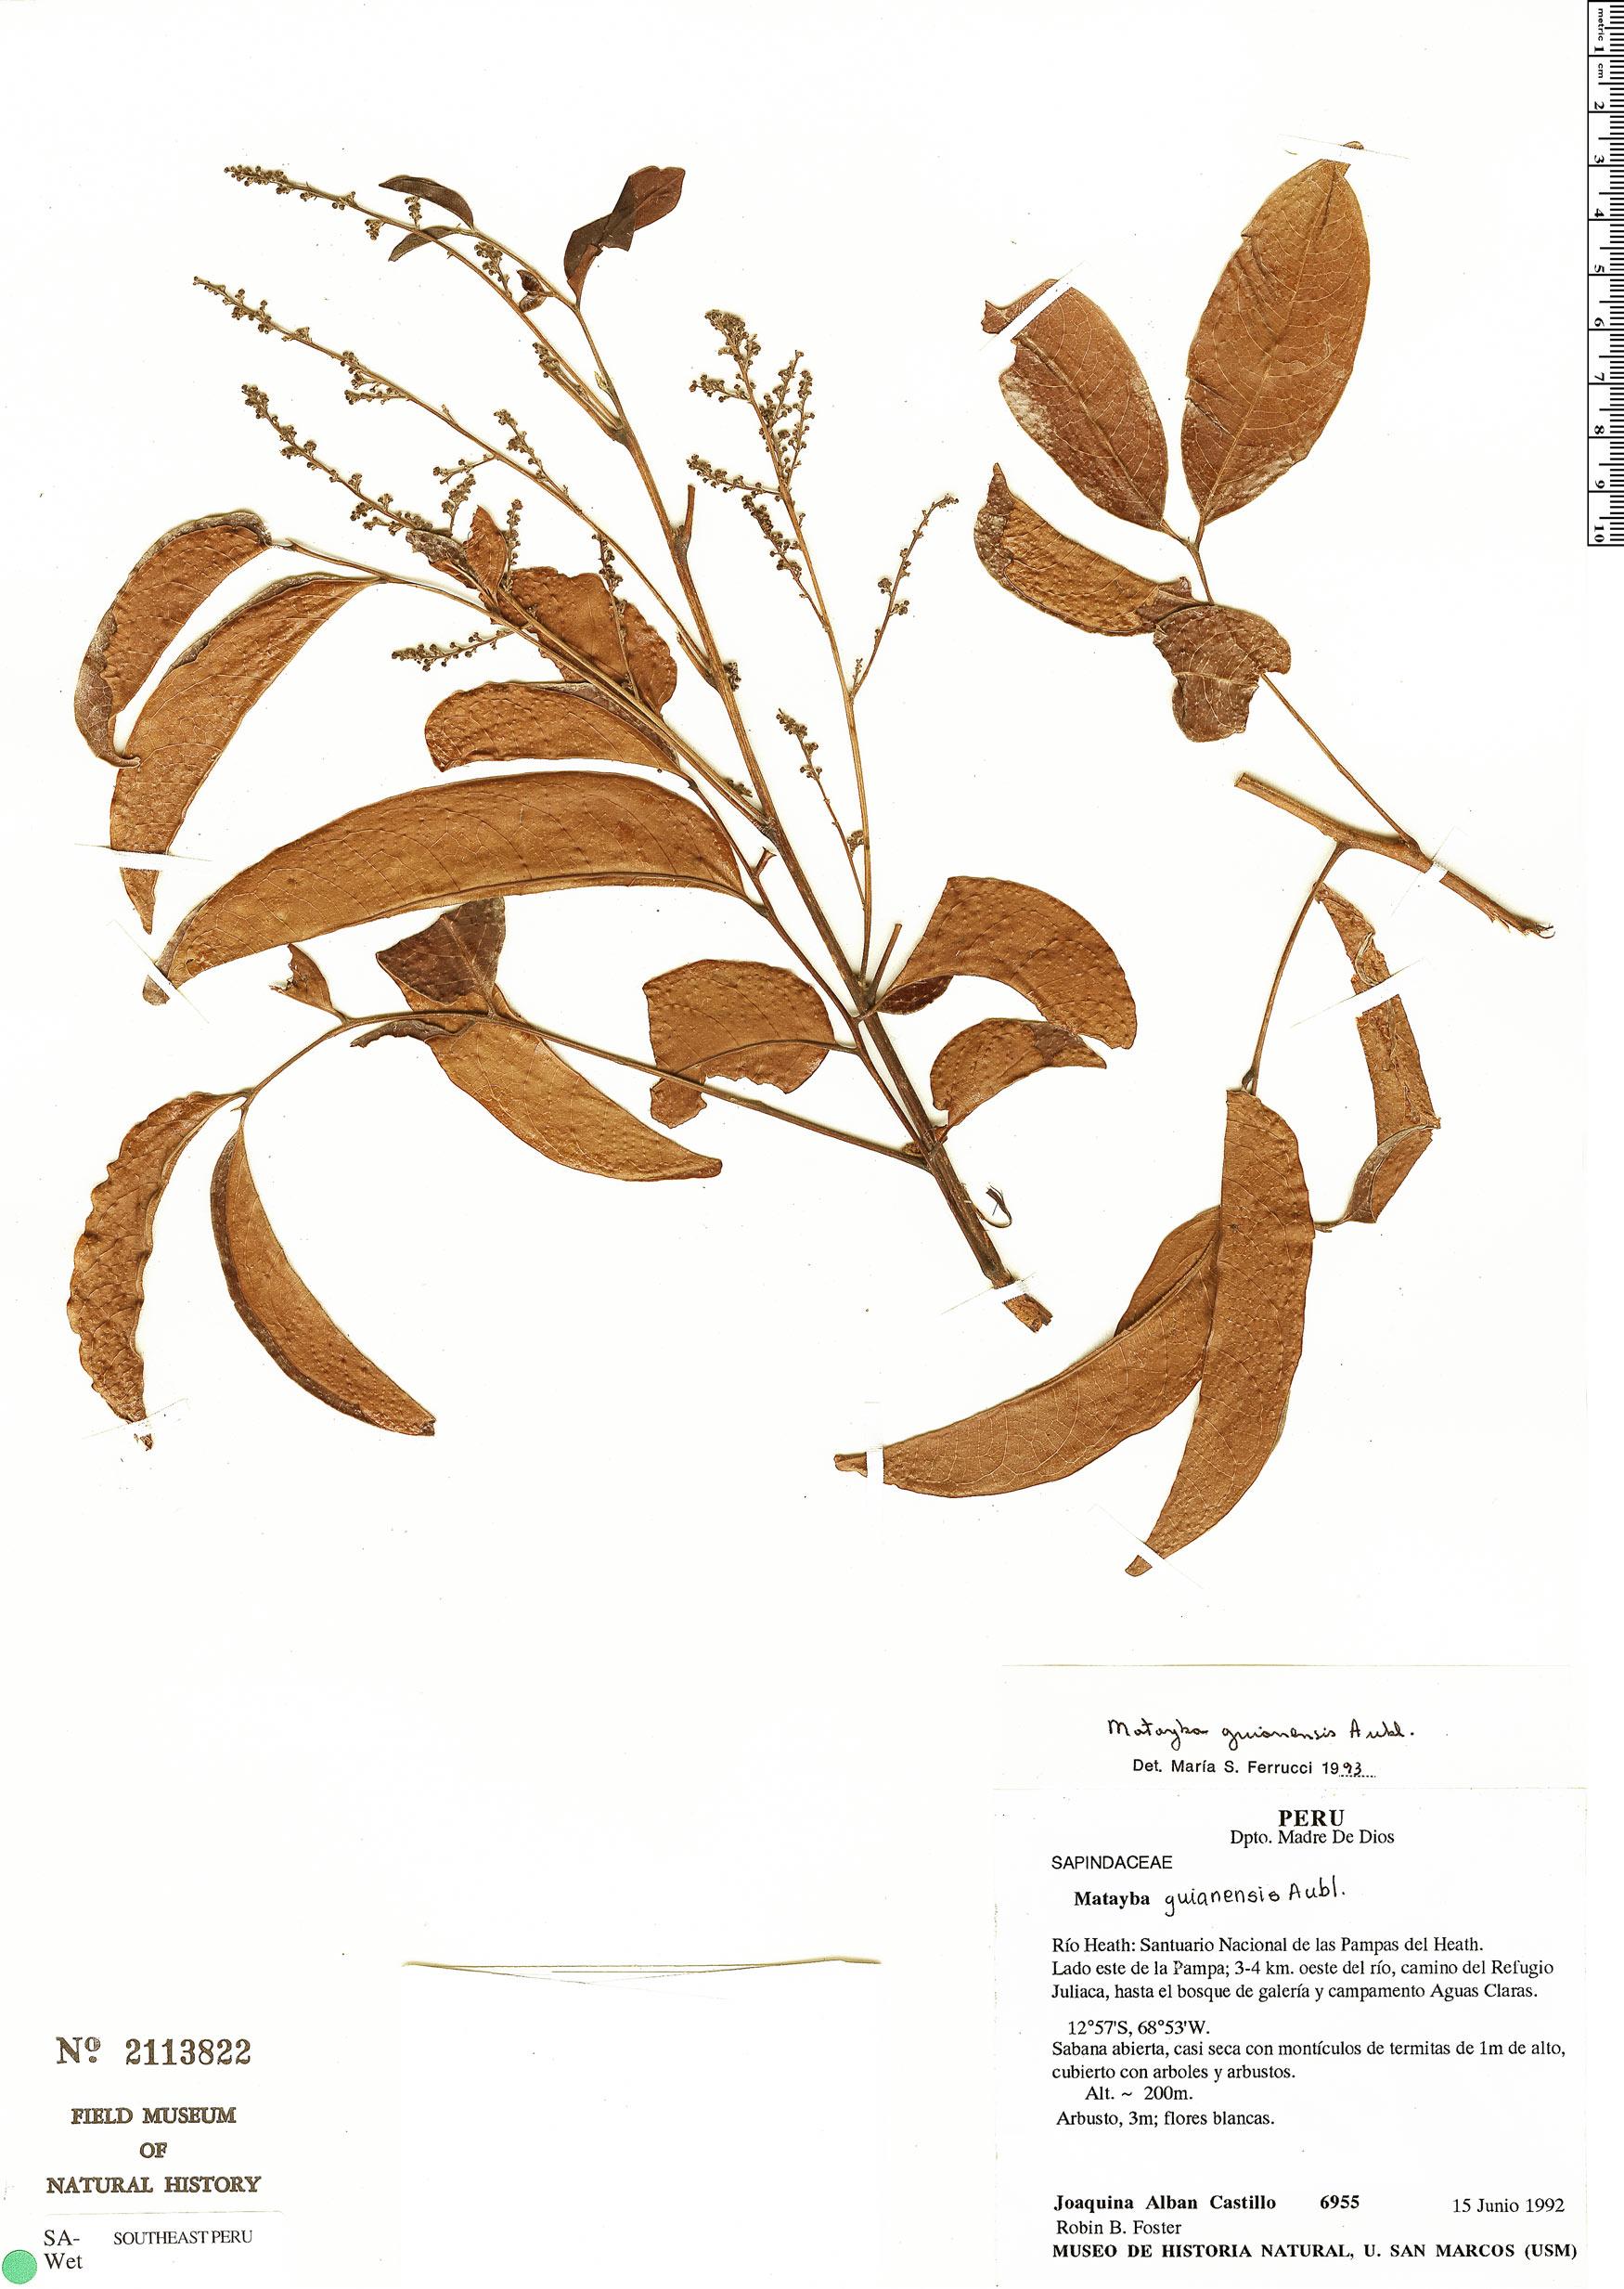 Specimen: Matayba guianensis